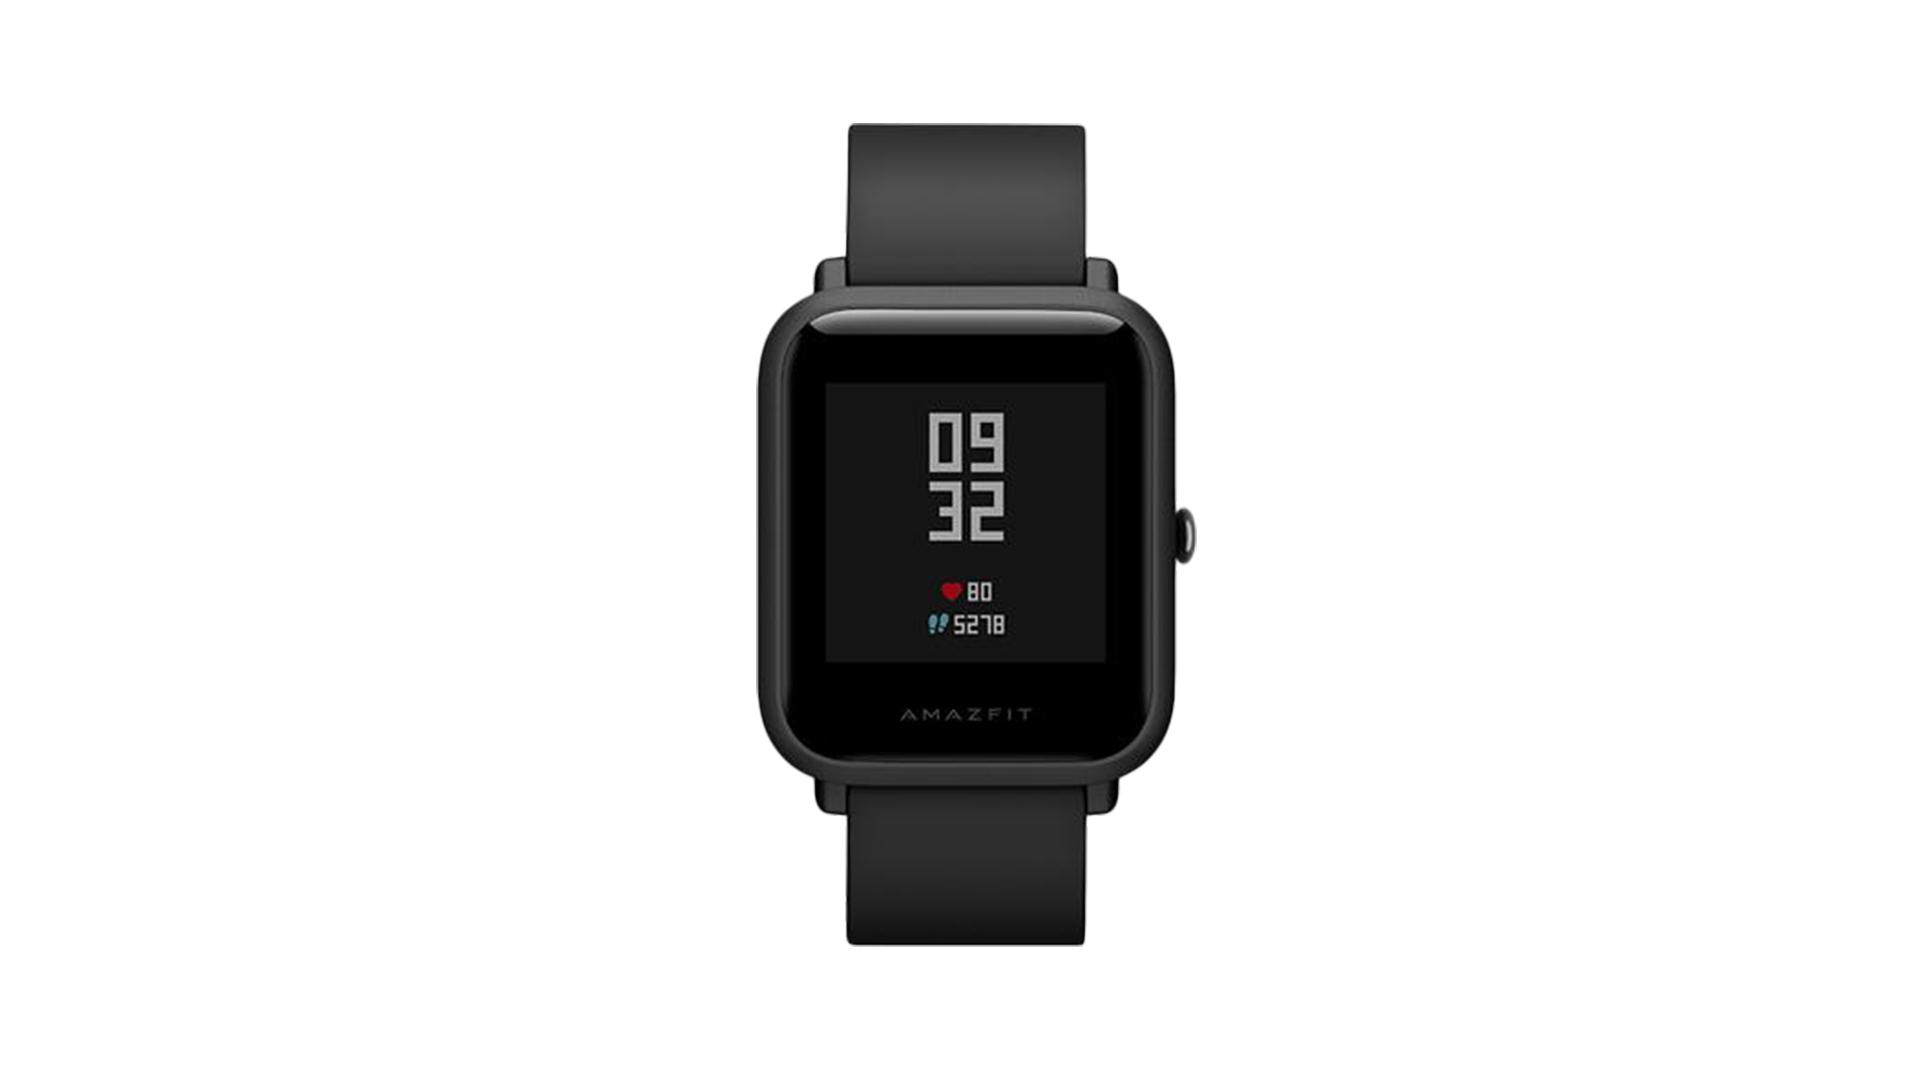 TOP značkové chytré hodinky, které jsou nyní ve slevě! [sponzorovaný článek]